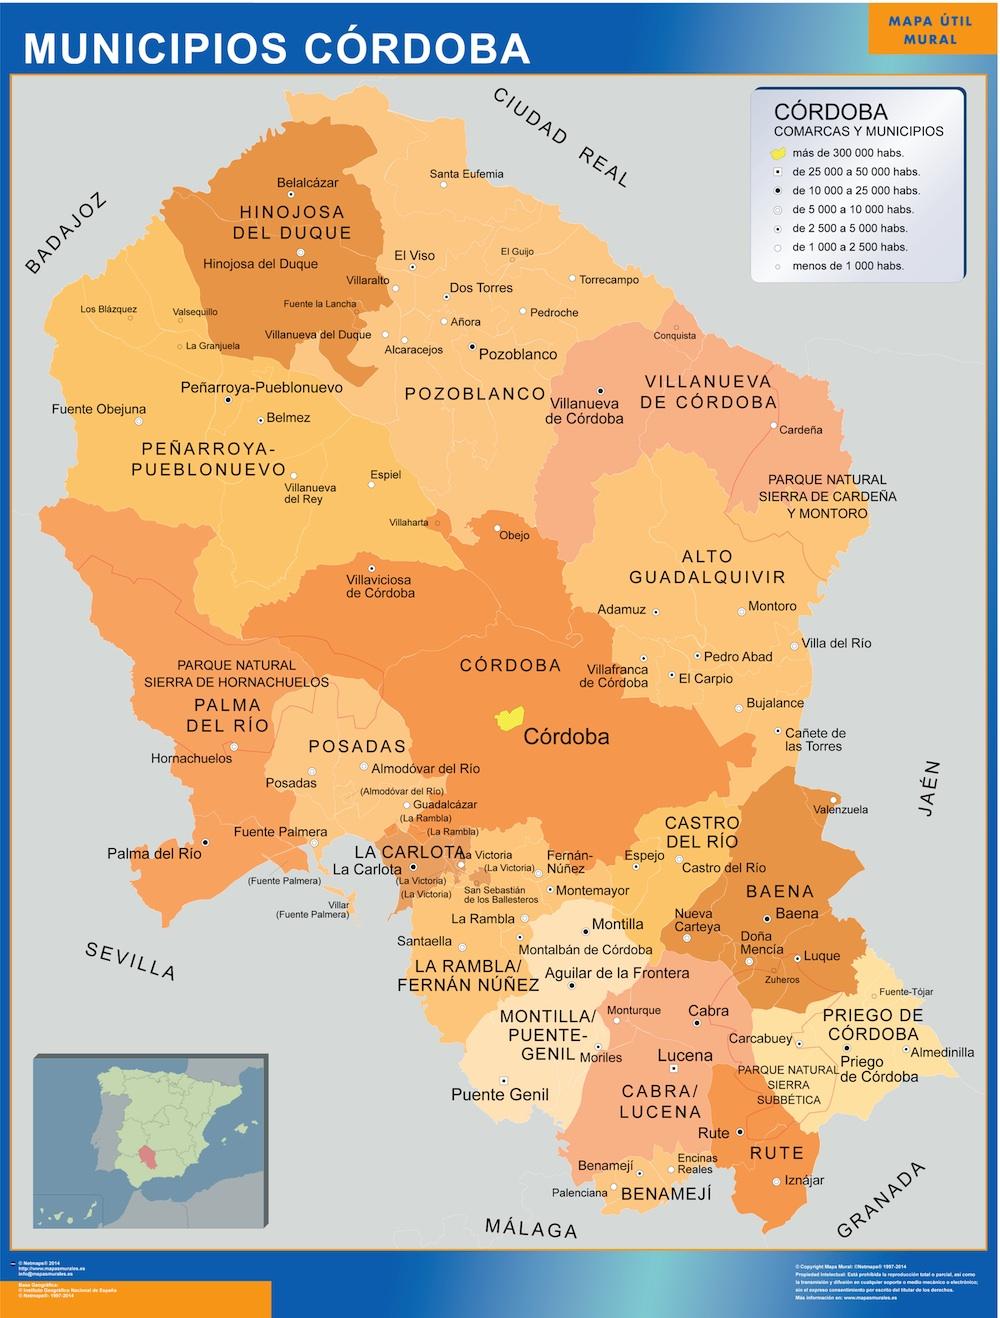 Mapa Cordoba por municipios grande | | Mapas grandes de pared